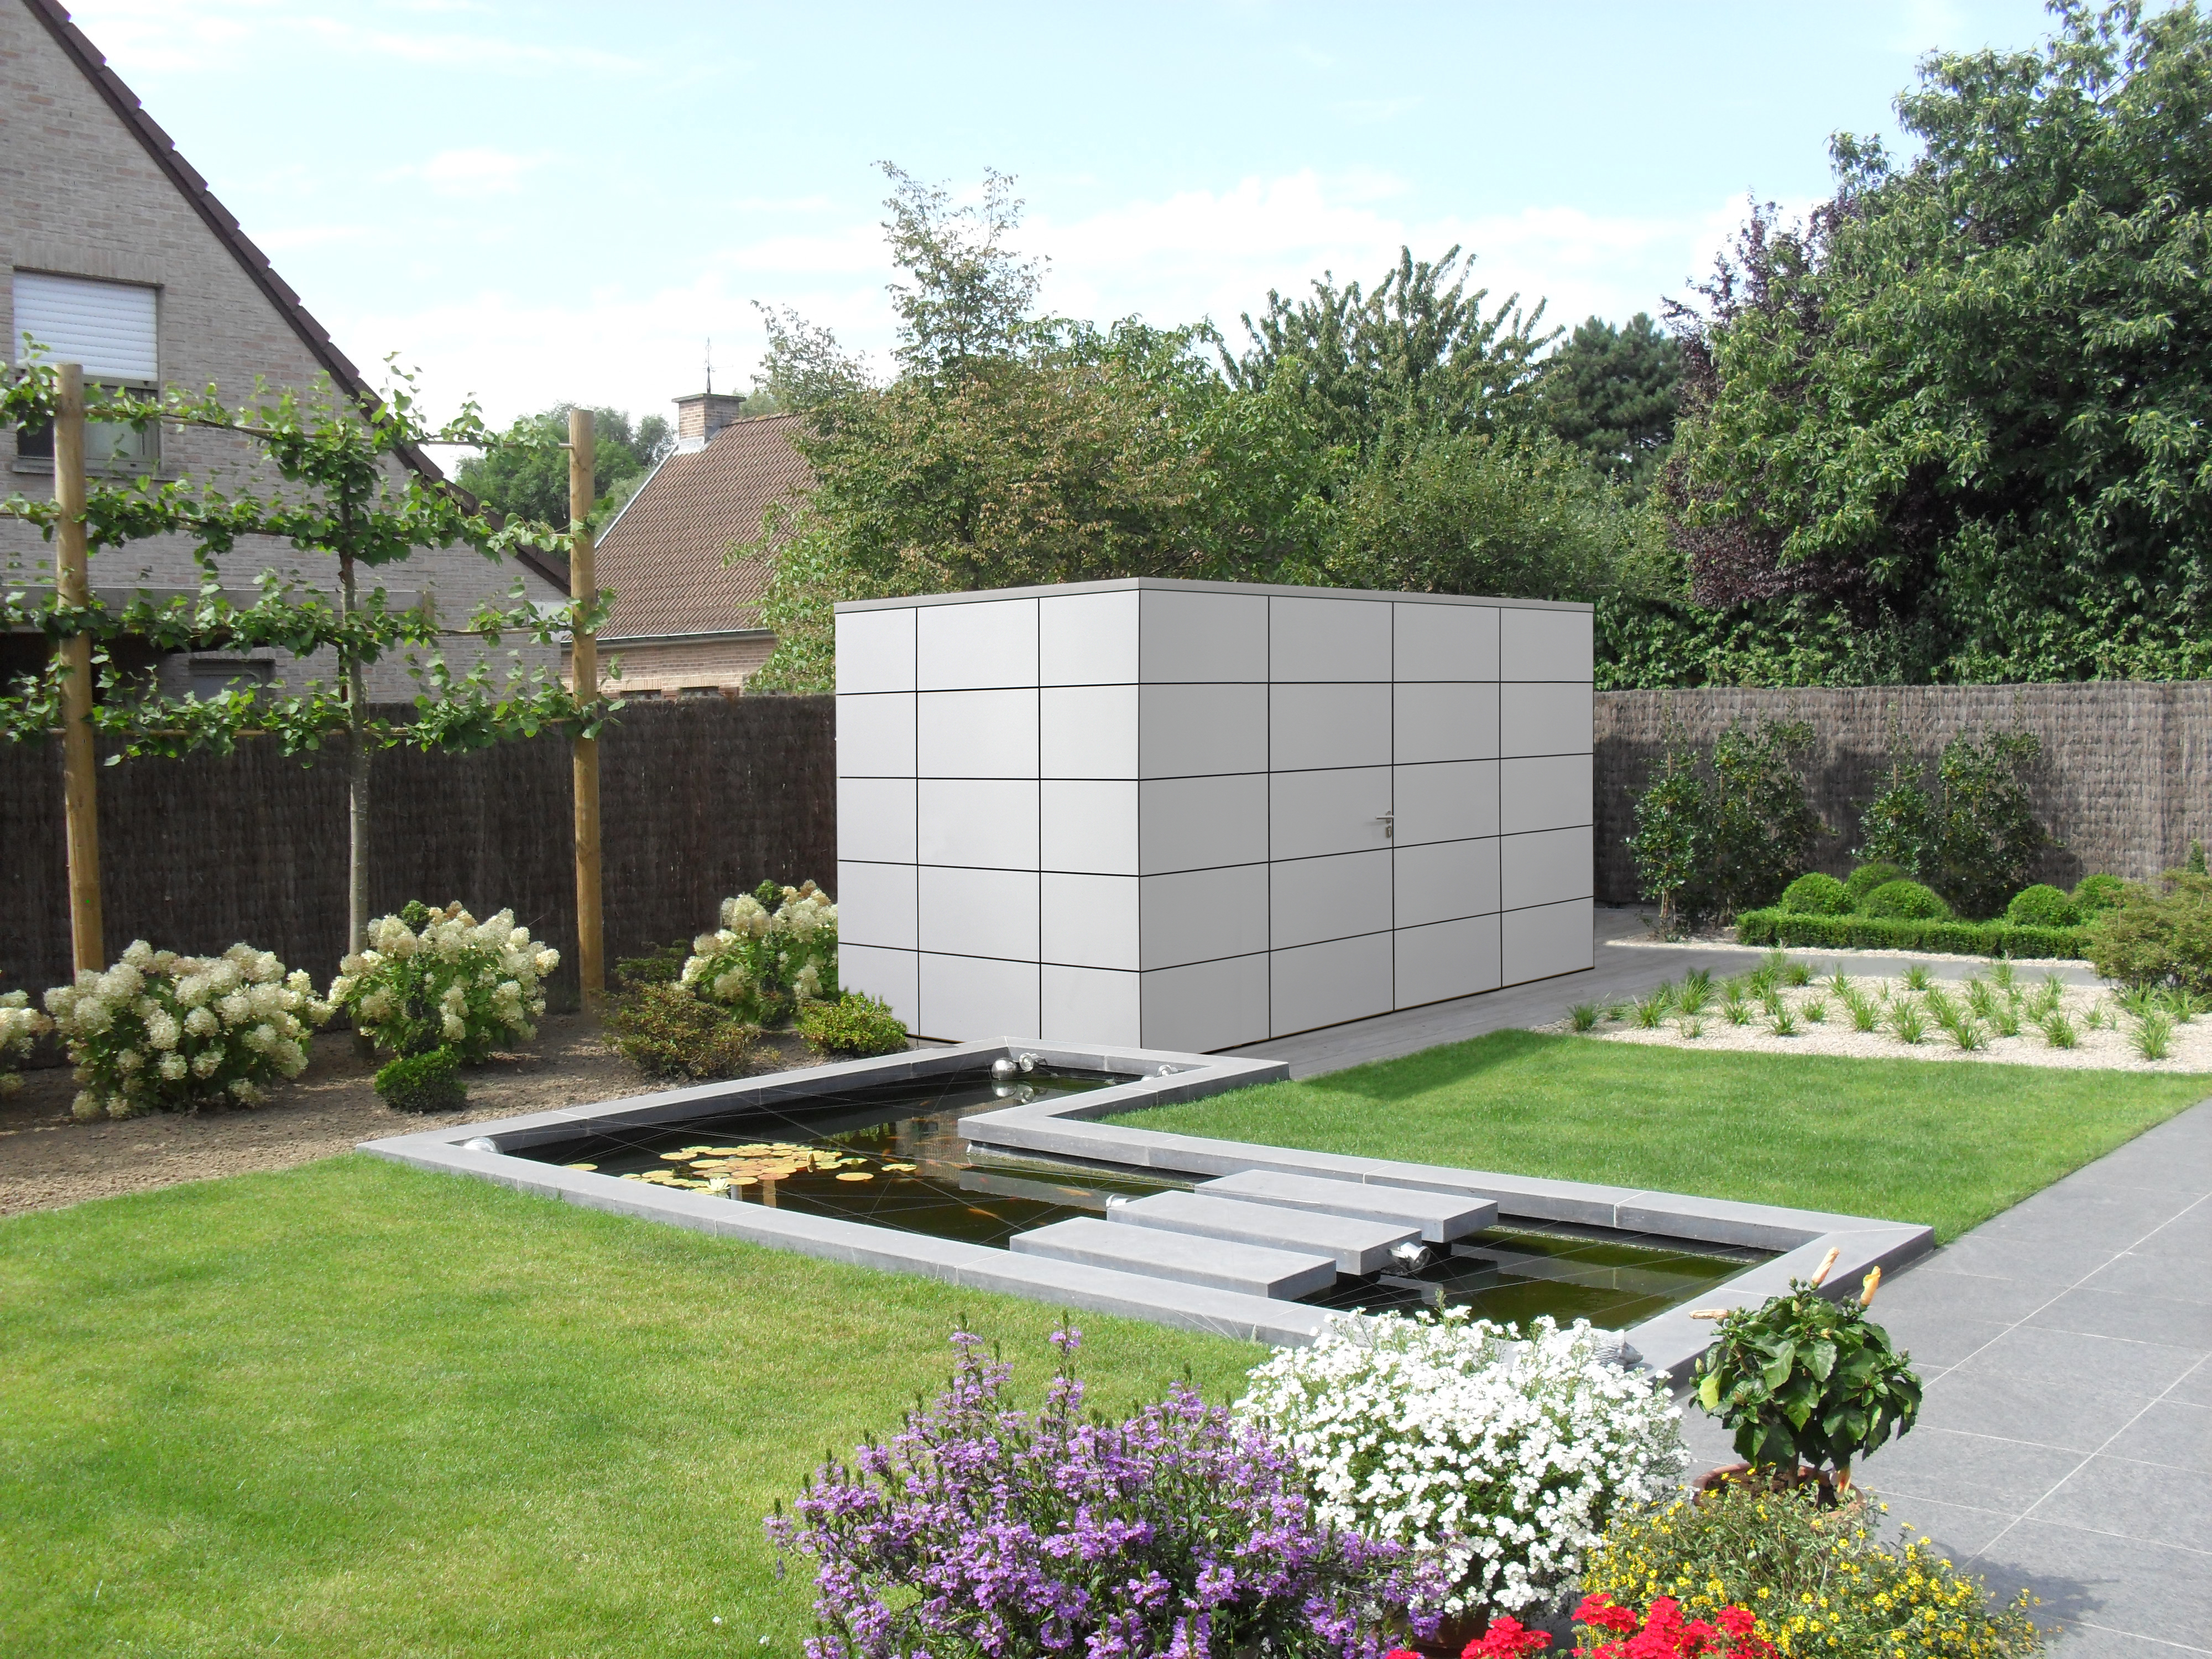 gartenhäuser pavillons garagen | lance | holz | bois | scierie, Gartengerate ideen